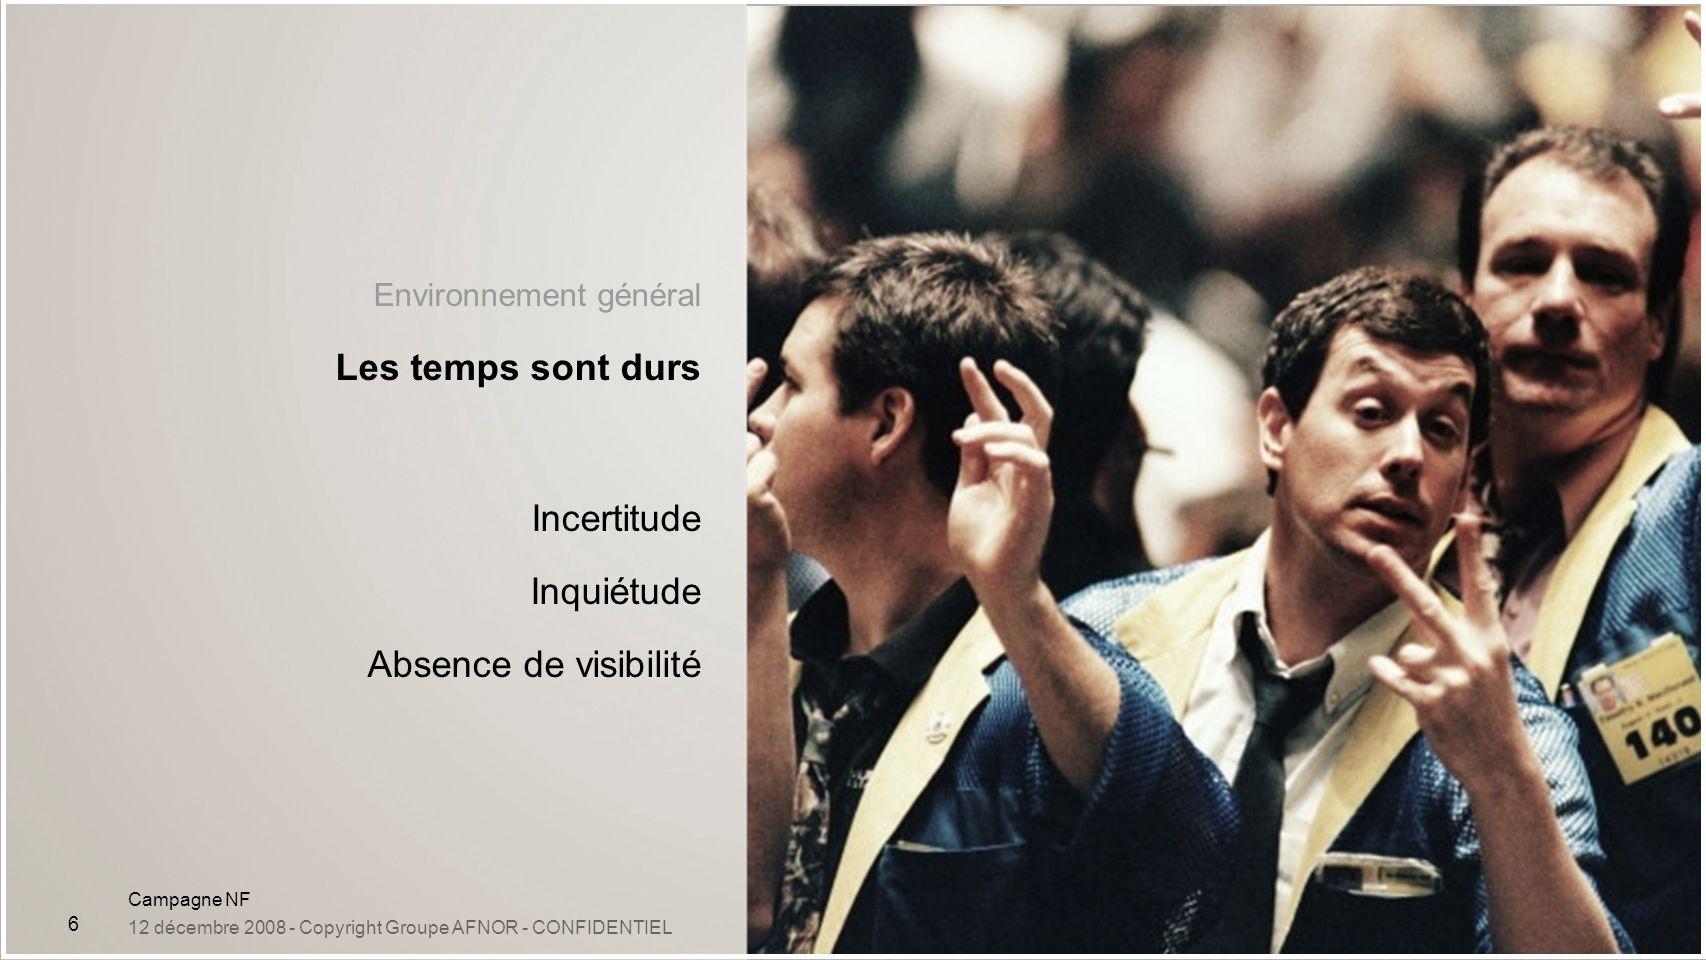 Campagne NF 12 décembre 2008 - Copyright Groupe AFNOR - CONFIDENTIEL 6 Environnement général Les temps sont durs Incertitude Inquiétude Absence de vis